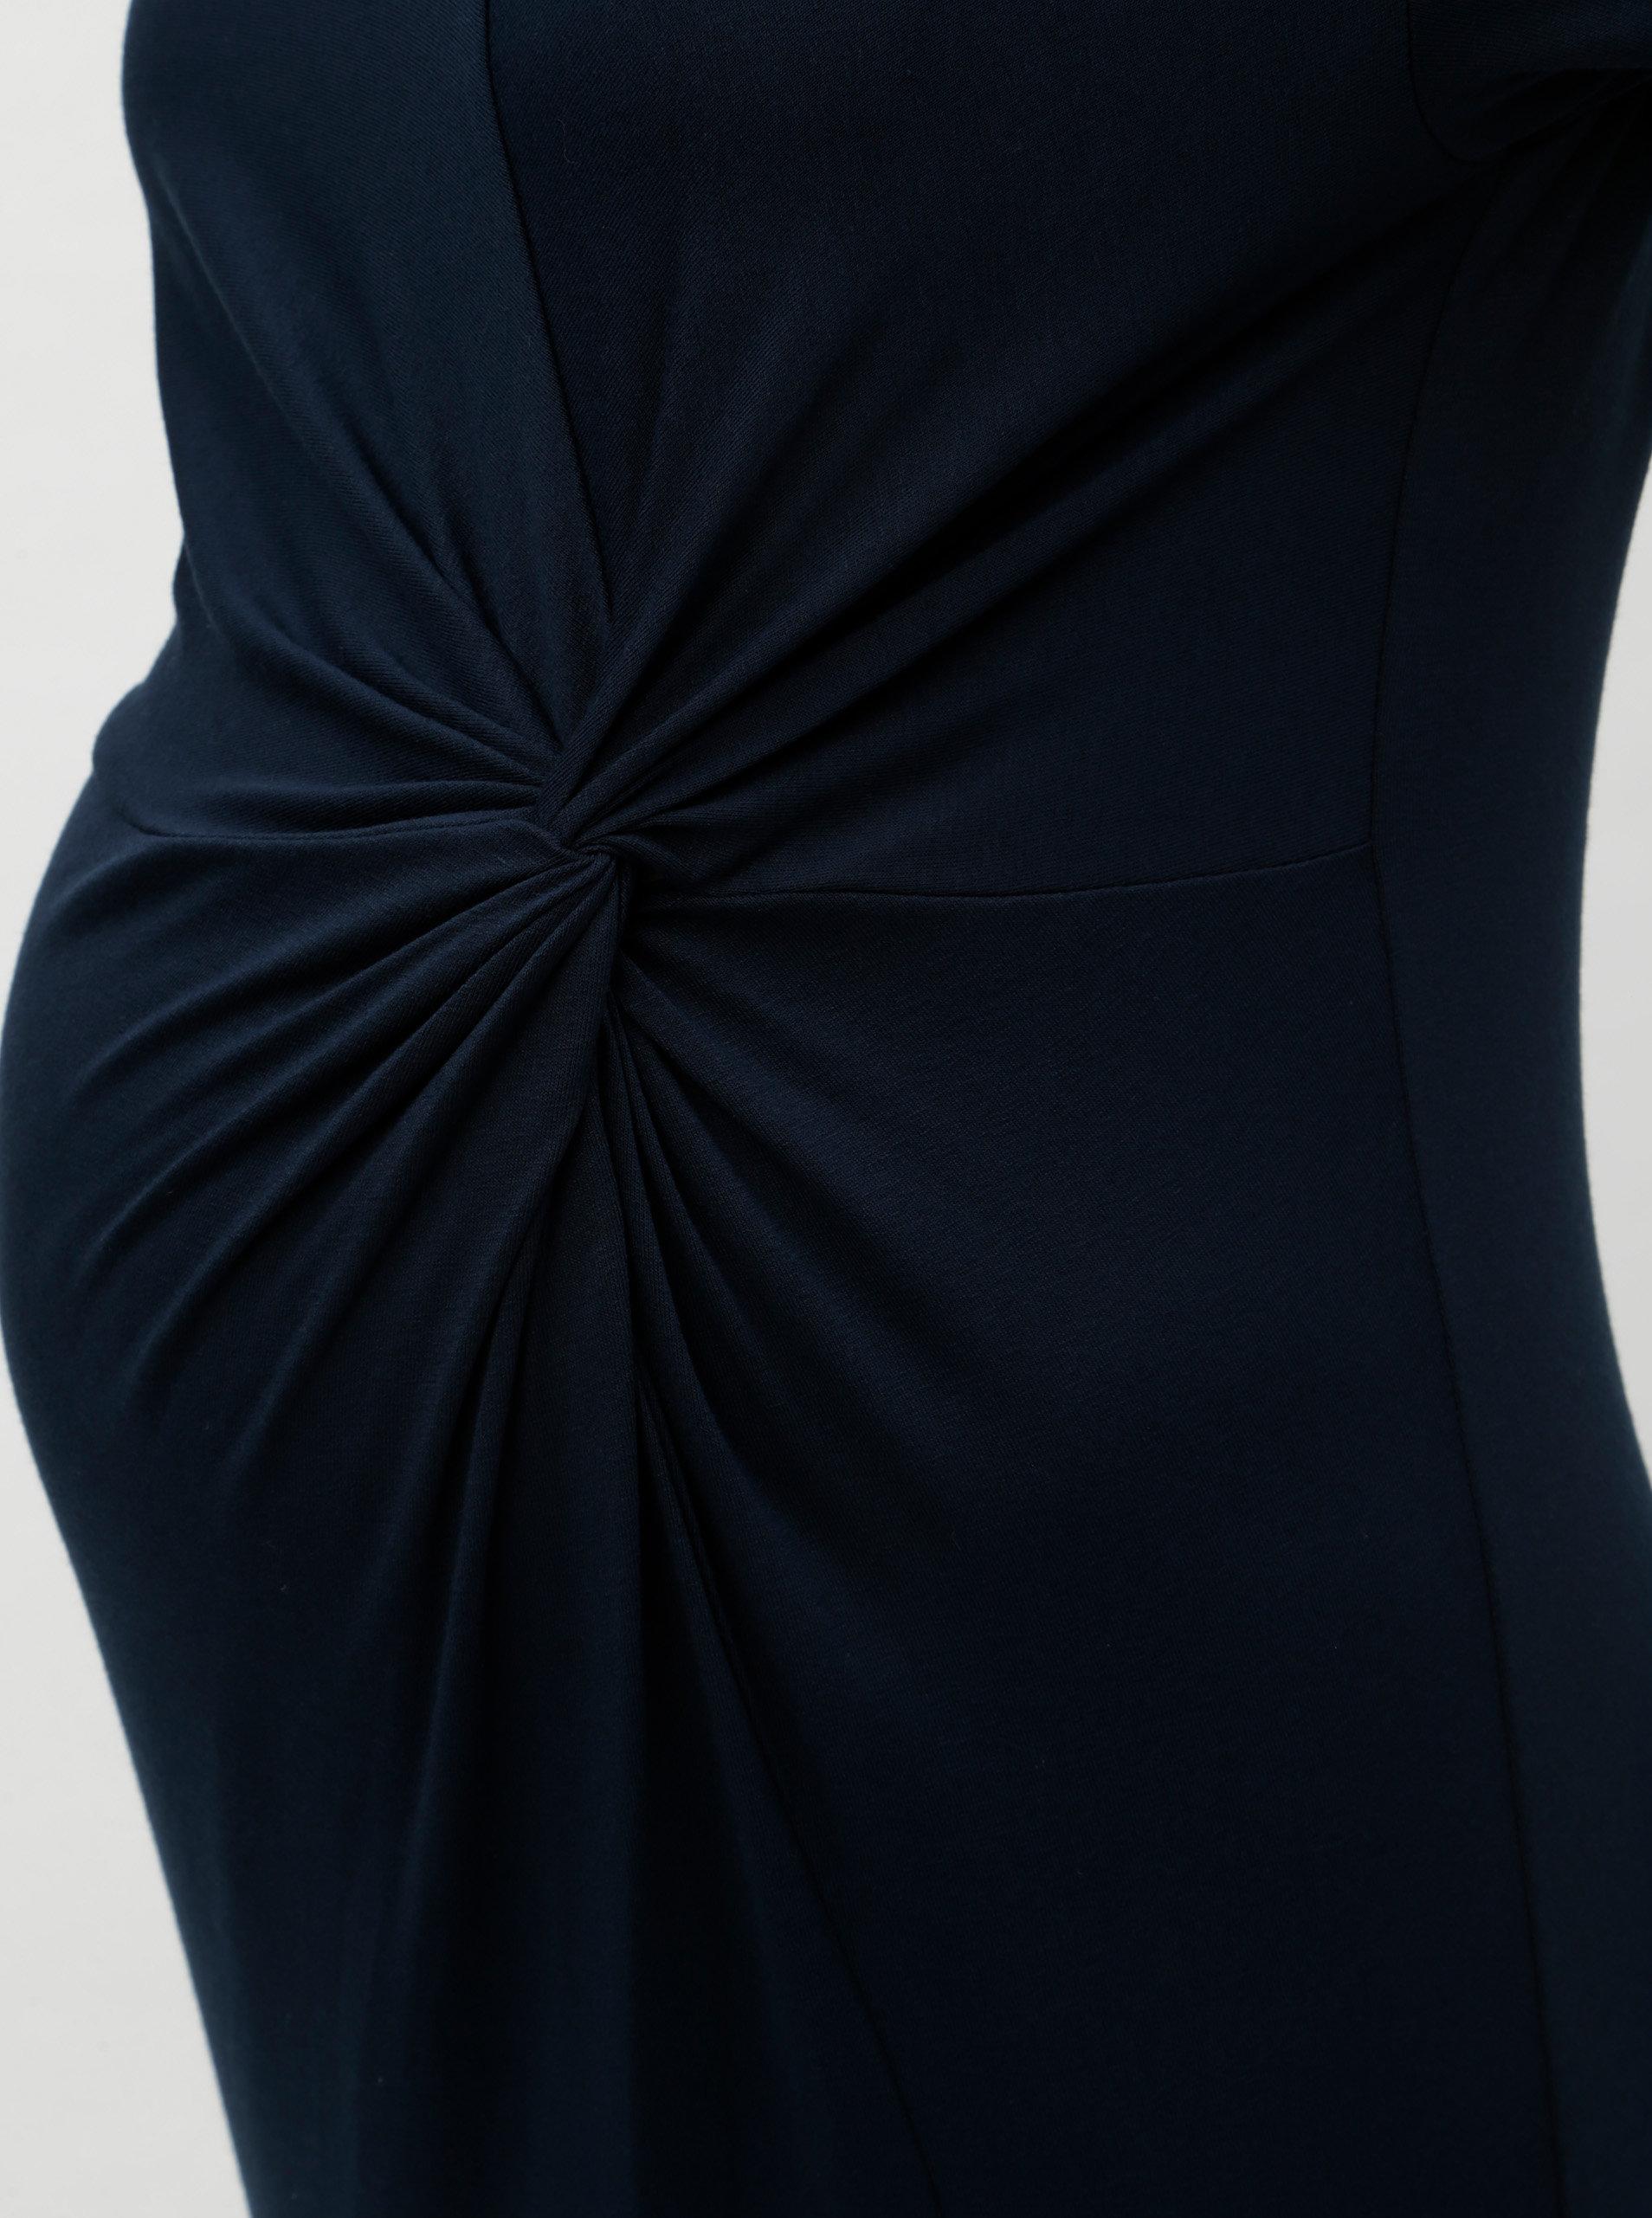 ec76761724e4 Tmavomodré tehotenské šaty Dorothy Perkins Maternity ...